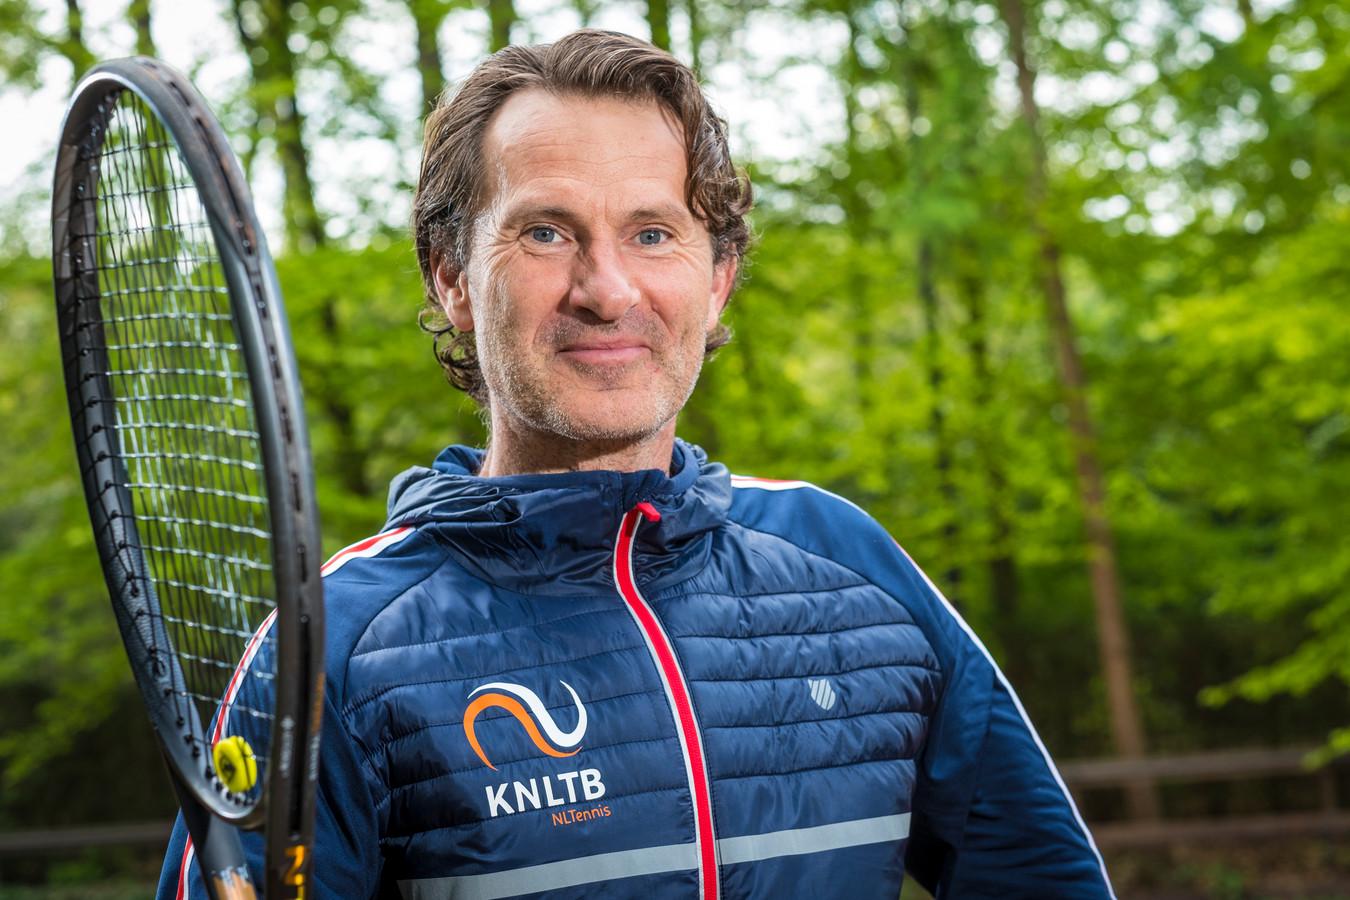 Oud-tennisser Jacco Eltingh heeft de beste papieren om Adriaan Visser, de voorzitter die na de zomer vertrekt, op te volgen bij PEC Zwolle.